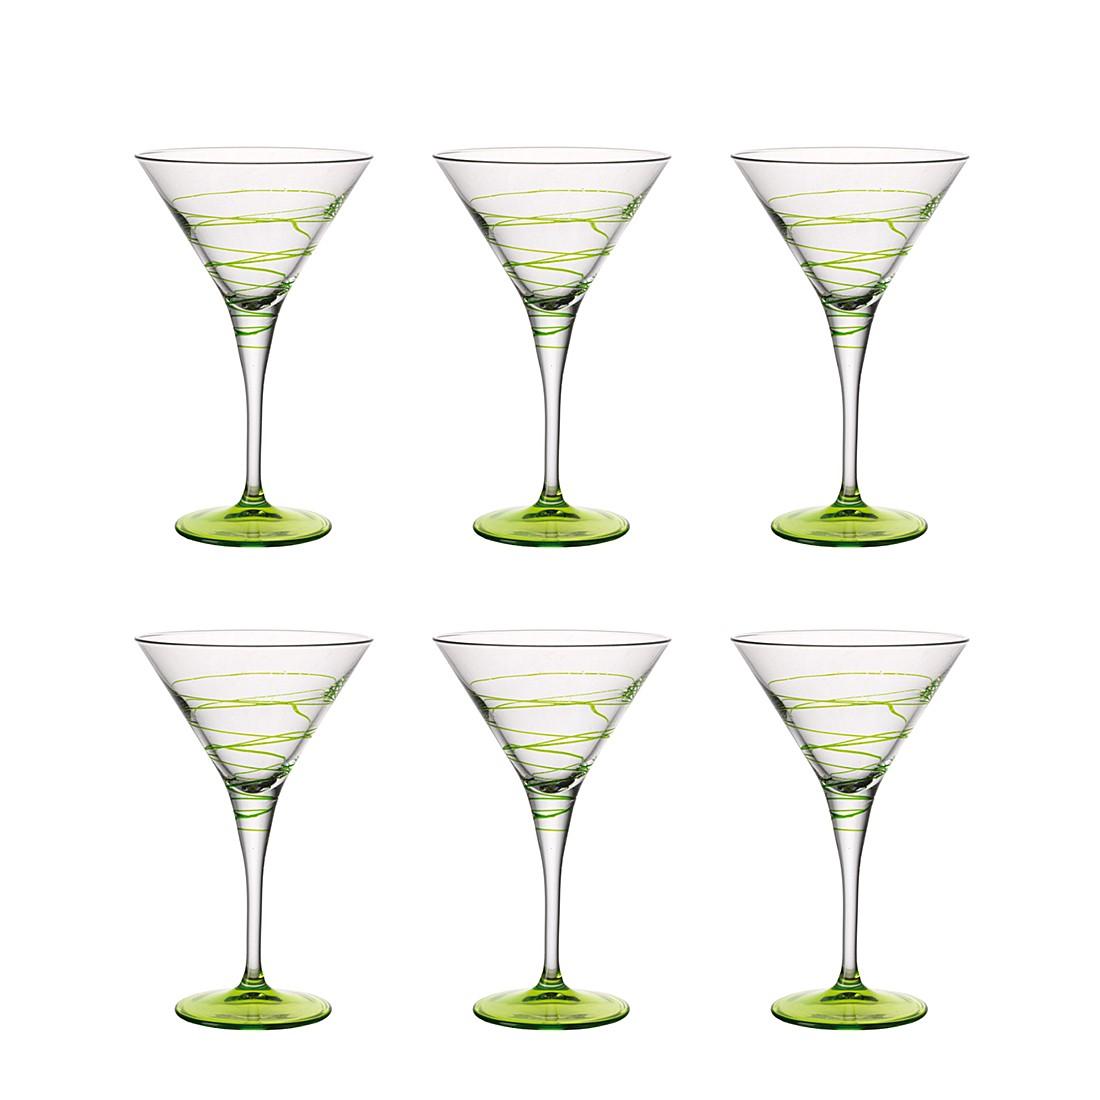 Cocktailschale Spirale (6er-Set) – Grün, Leonardo online kaufen